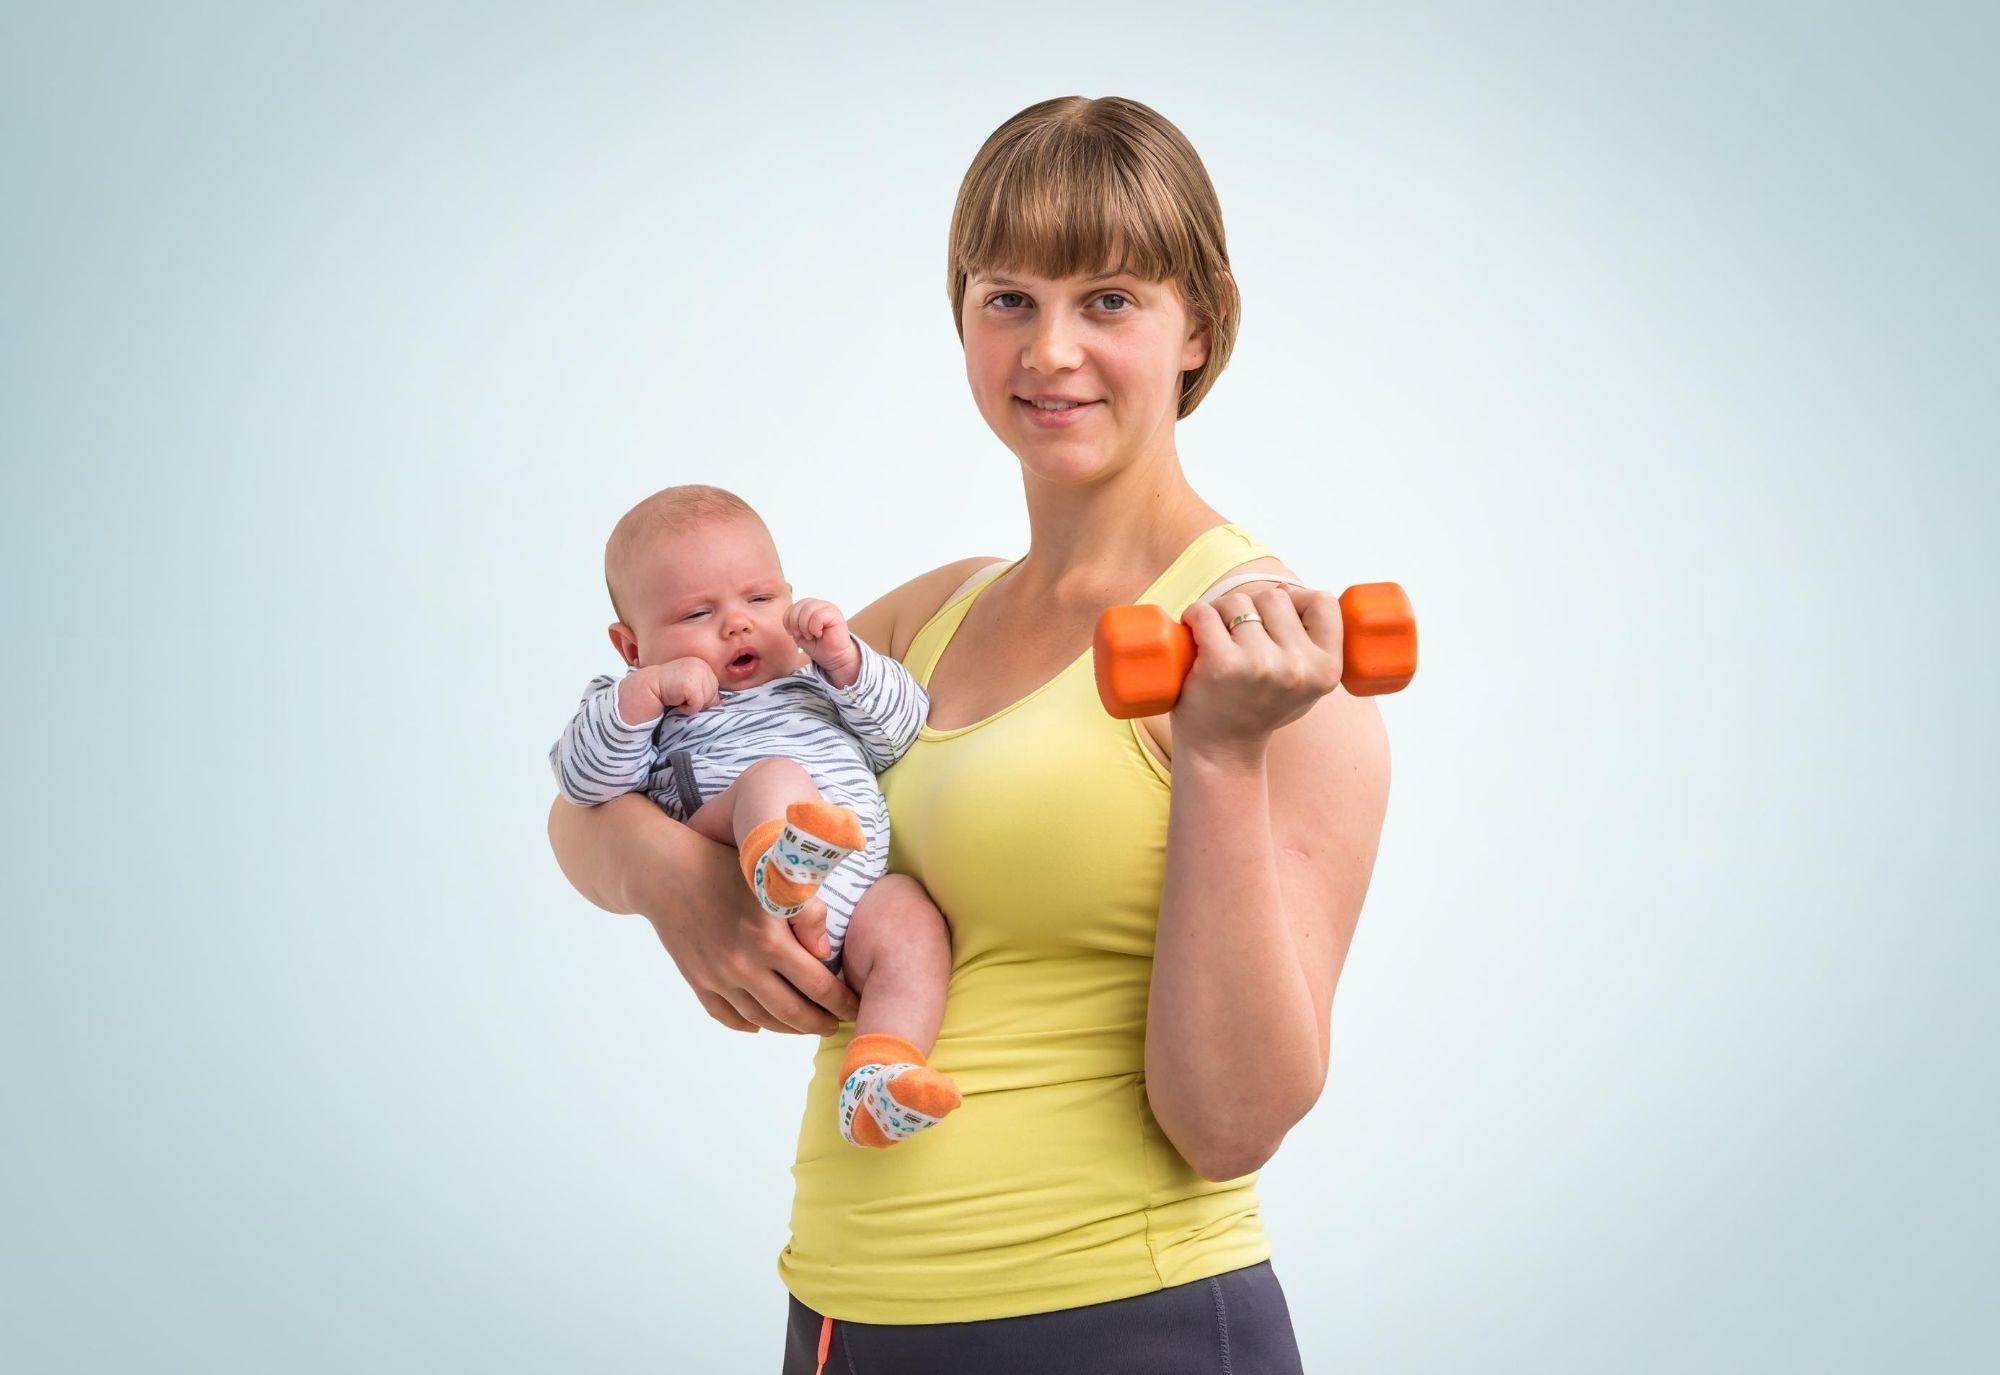 Comment soulager la douleur lombaire après accouchement ?